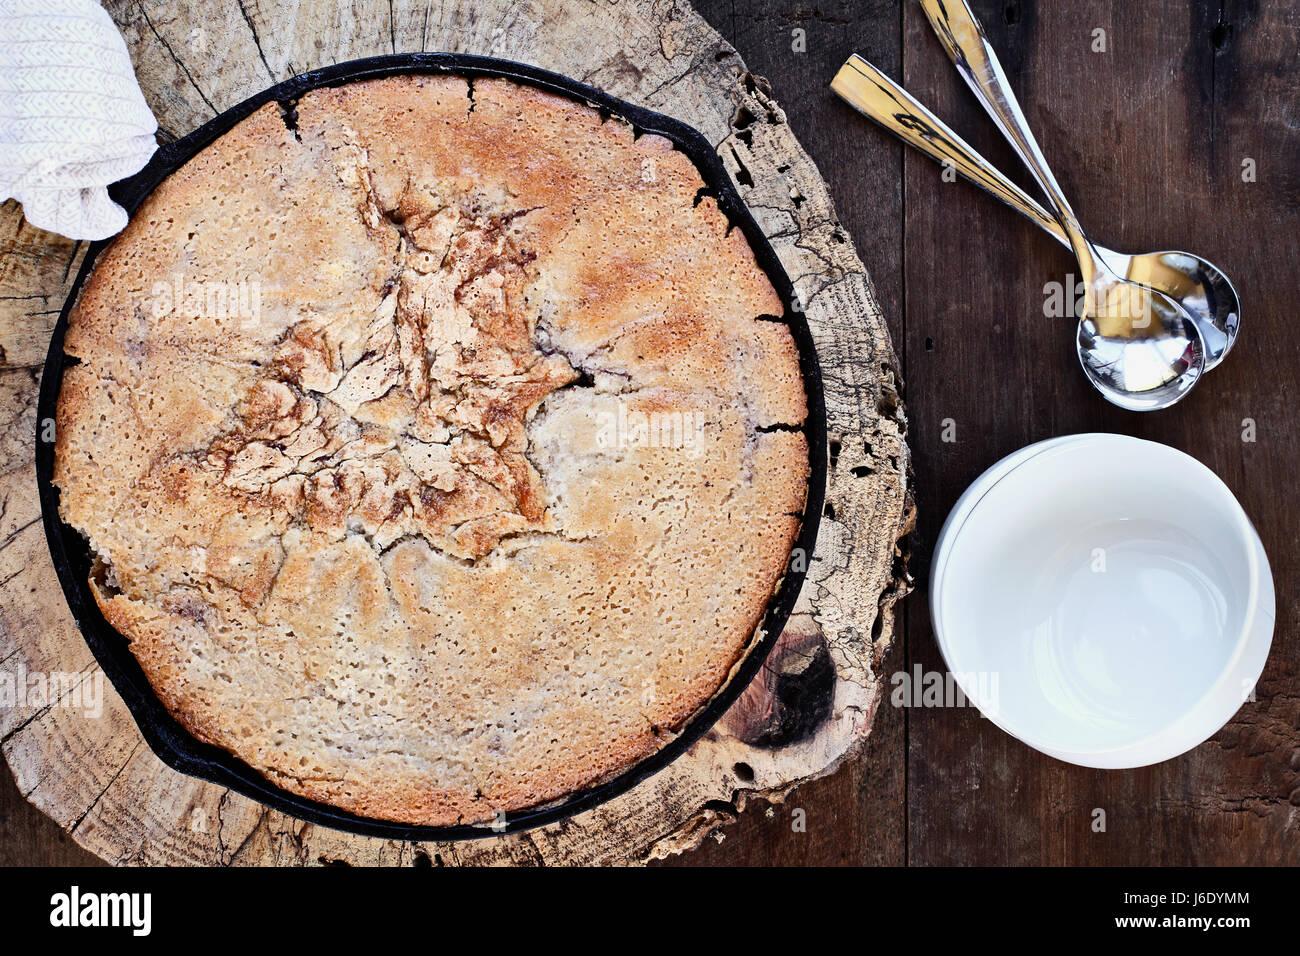 Imagen de arriba de un arándano y peach cobbler horneado en una sartén de hierro fundido sobre una mesa de madera Foto de stock